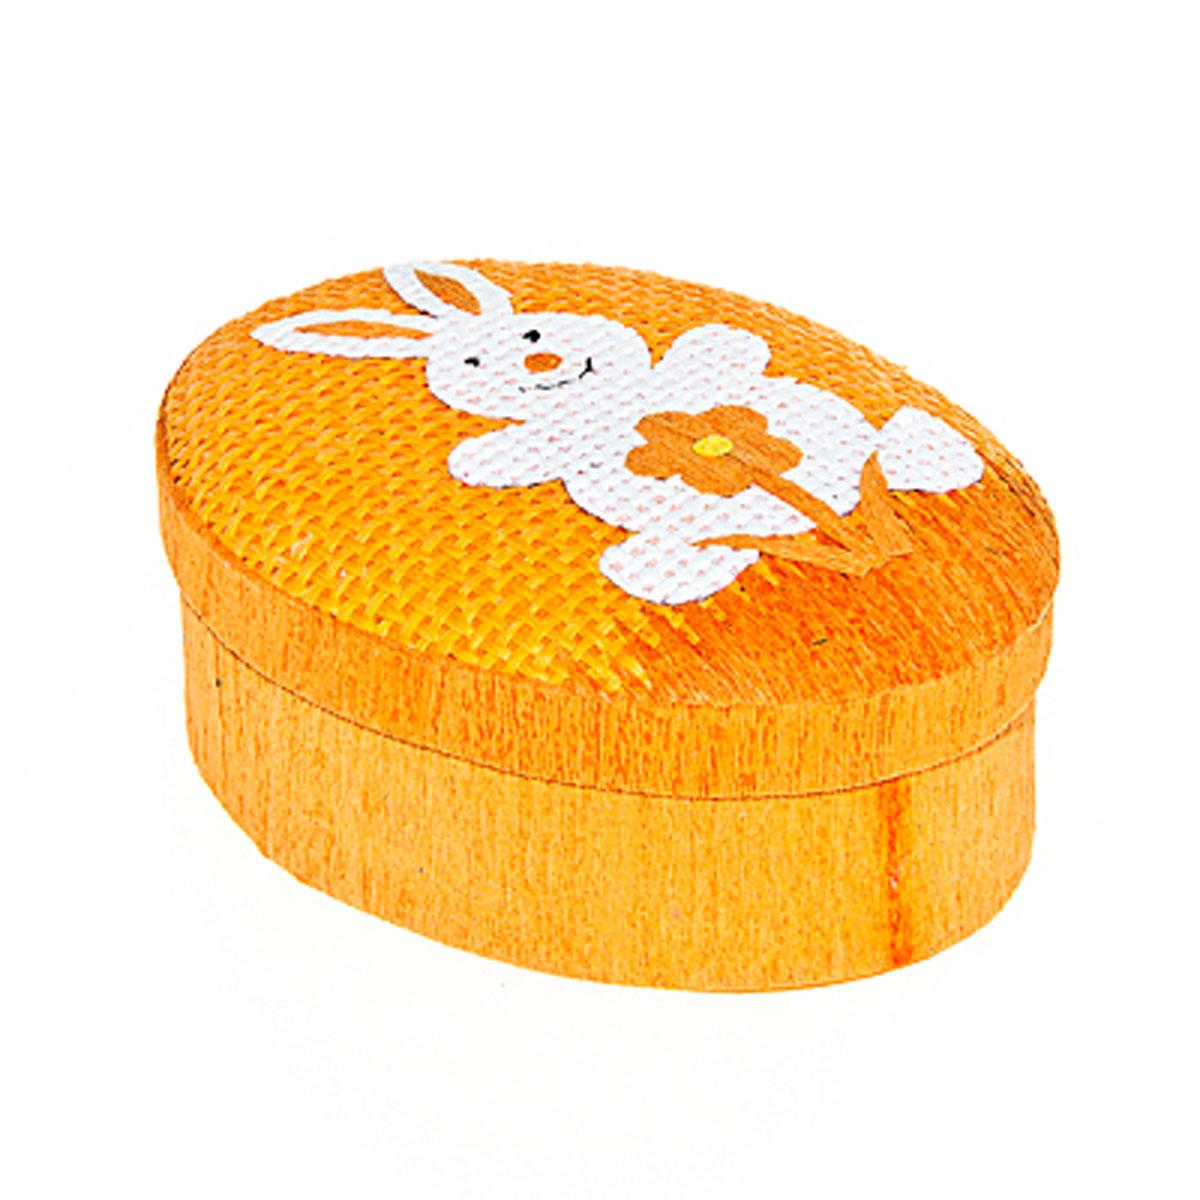 Шкатулка декоративная Home Queen Кролик с цветочком, цвет: оранжевый, 10,5 х 8 х 4 смNLED-420-1.5W-RОвальная шкатулка Home Queen Кролик с цветочком изготовлена из бумаги. Крышка изделия украшена рельефным рисунком в виде кролика и цветка. Изящная шкатулка прекрасно подойдет для упаковки пасхального подарка для детей и взрослых, а также красиво украсит интерьер комнаты. Размер: 10,5 см х 8 см х 4 см.